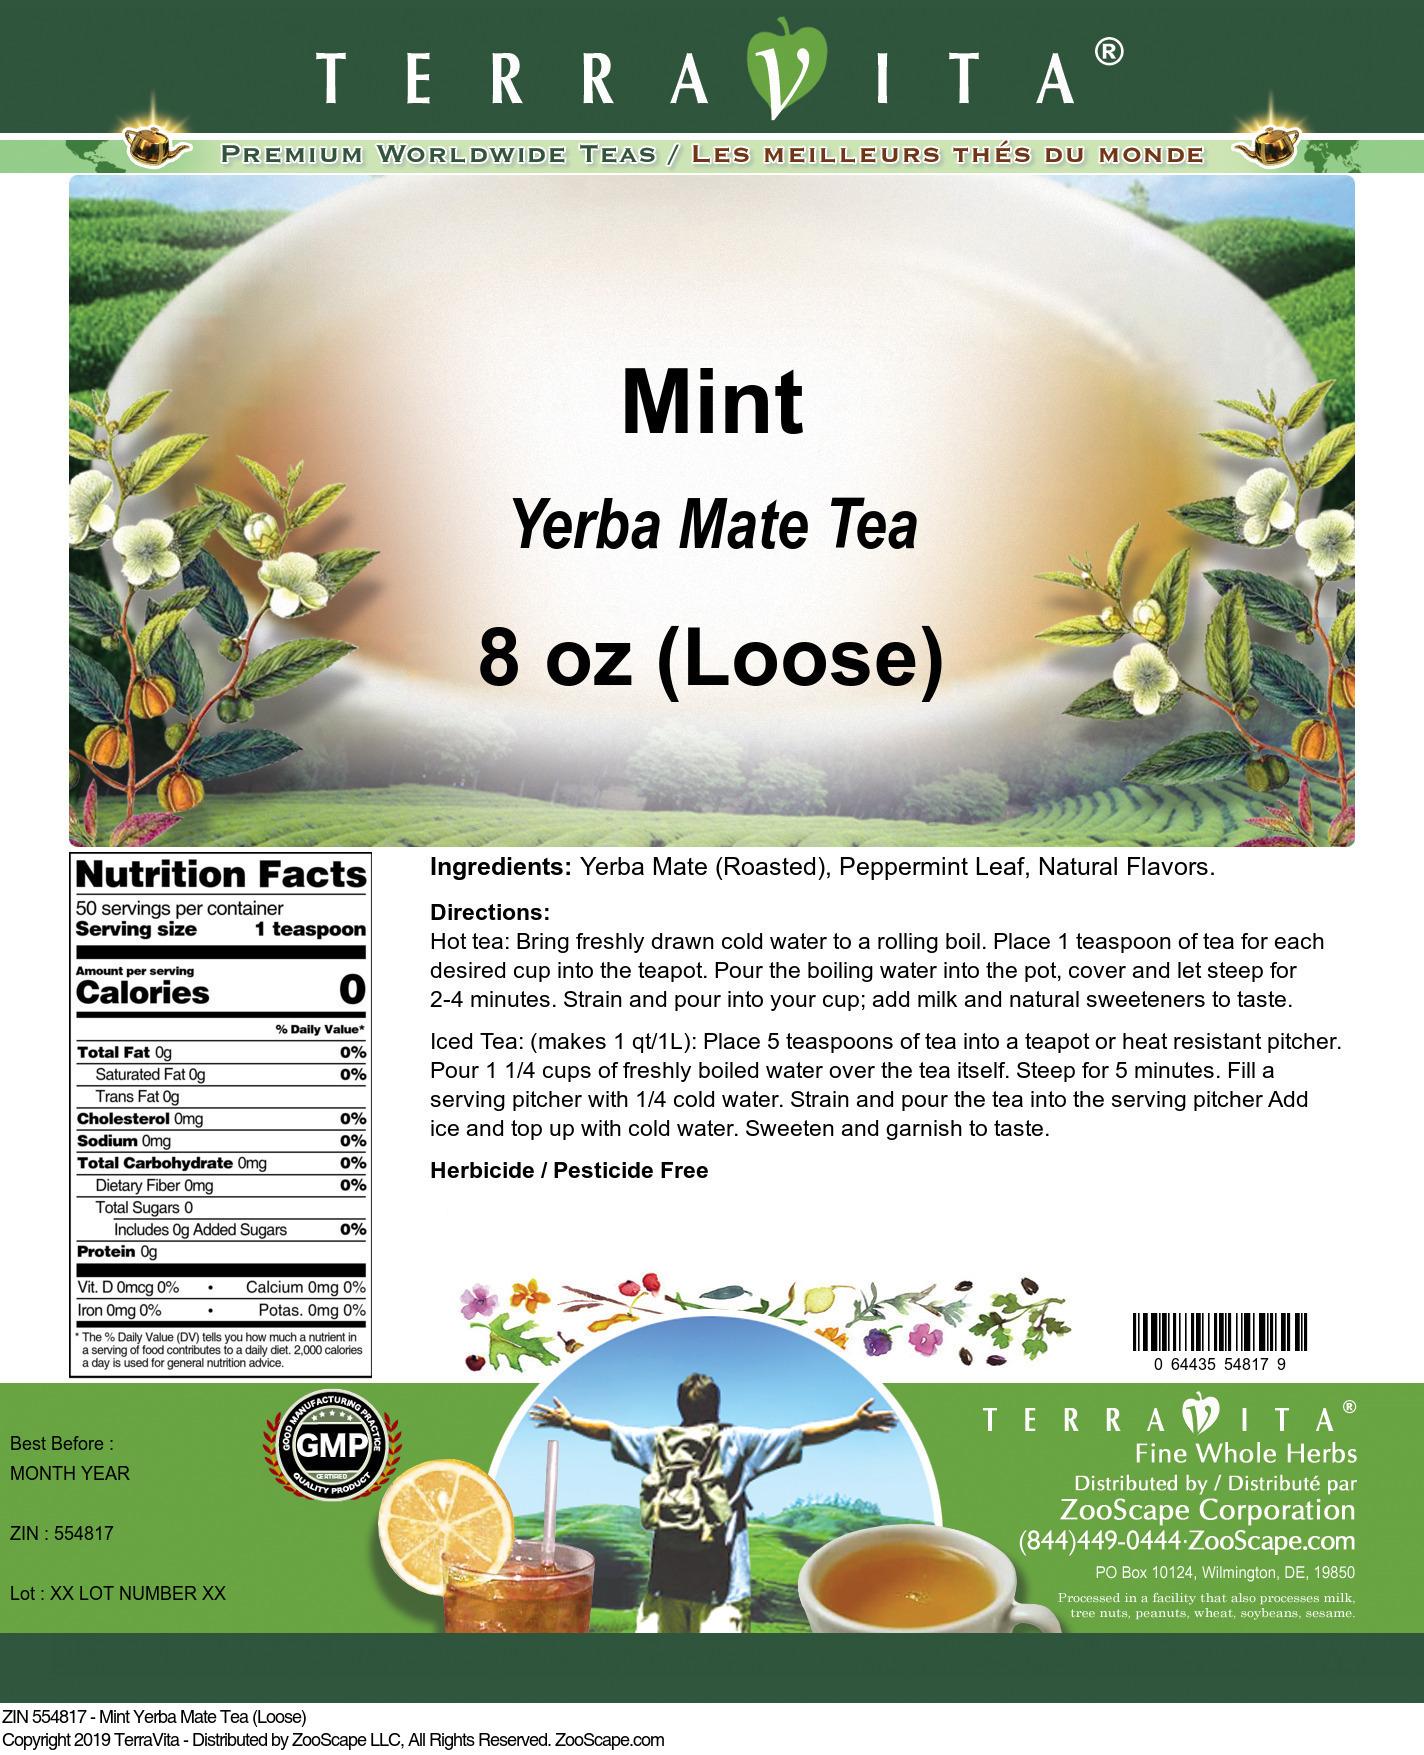 Mint Yerba Mate Tea (Loose)